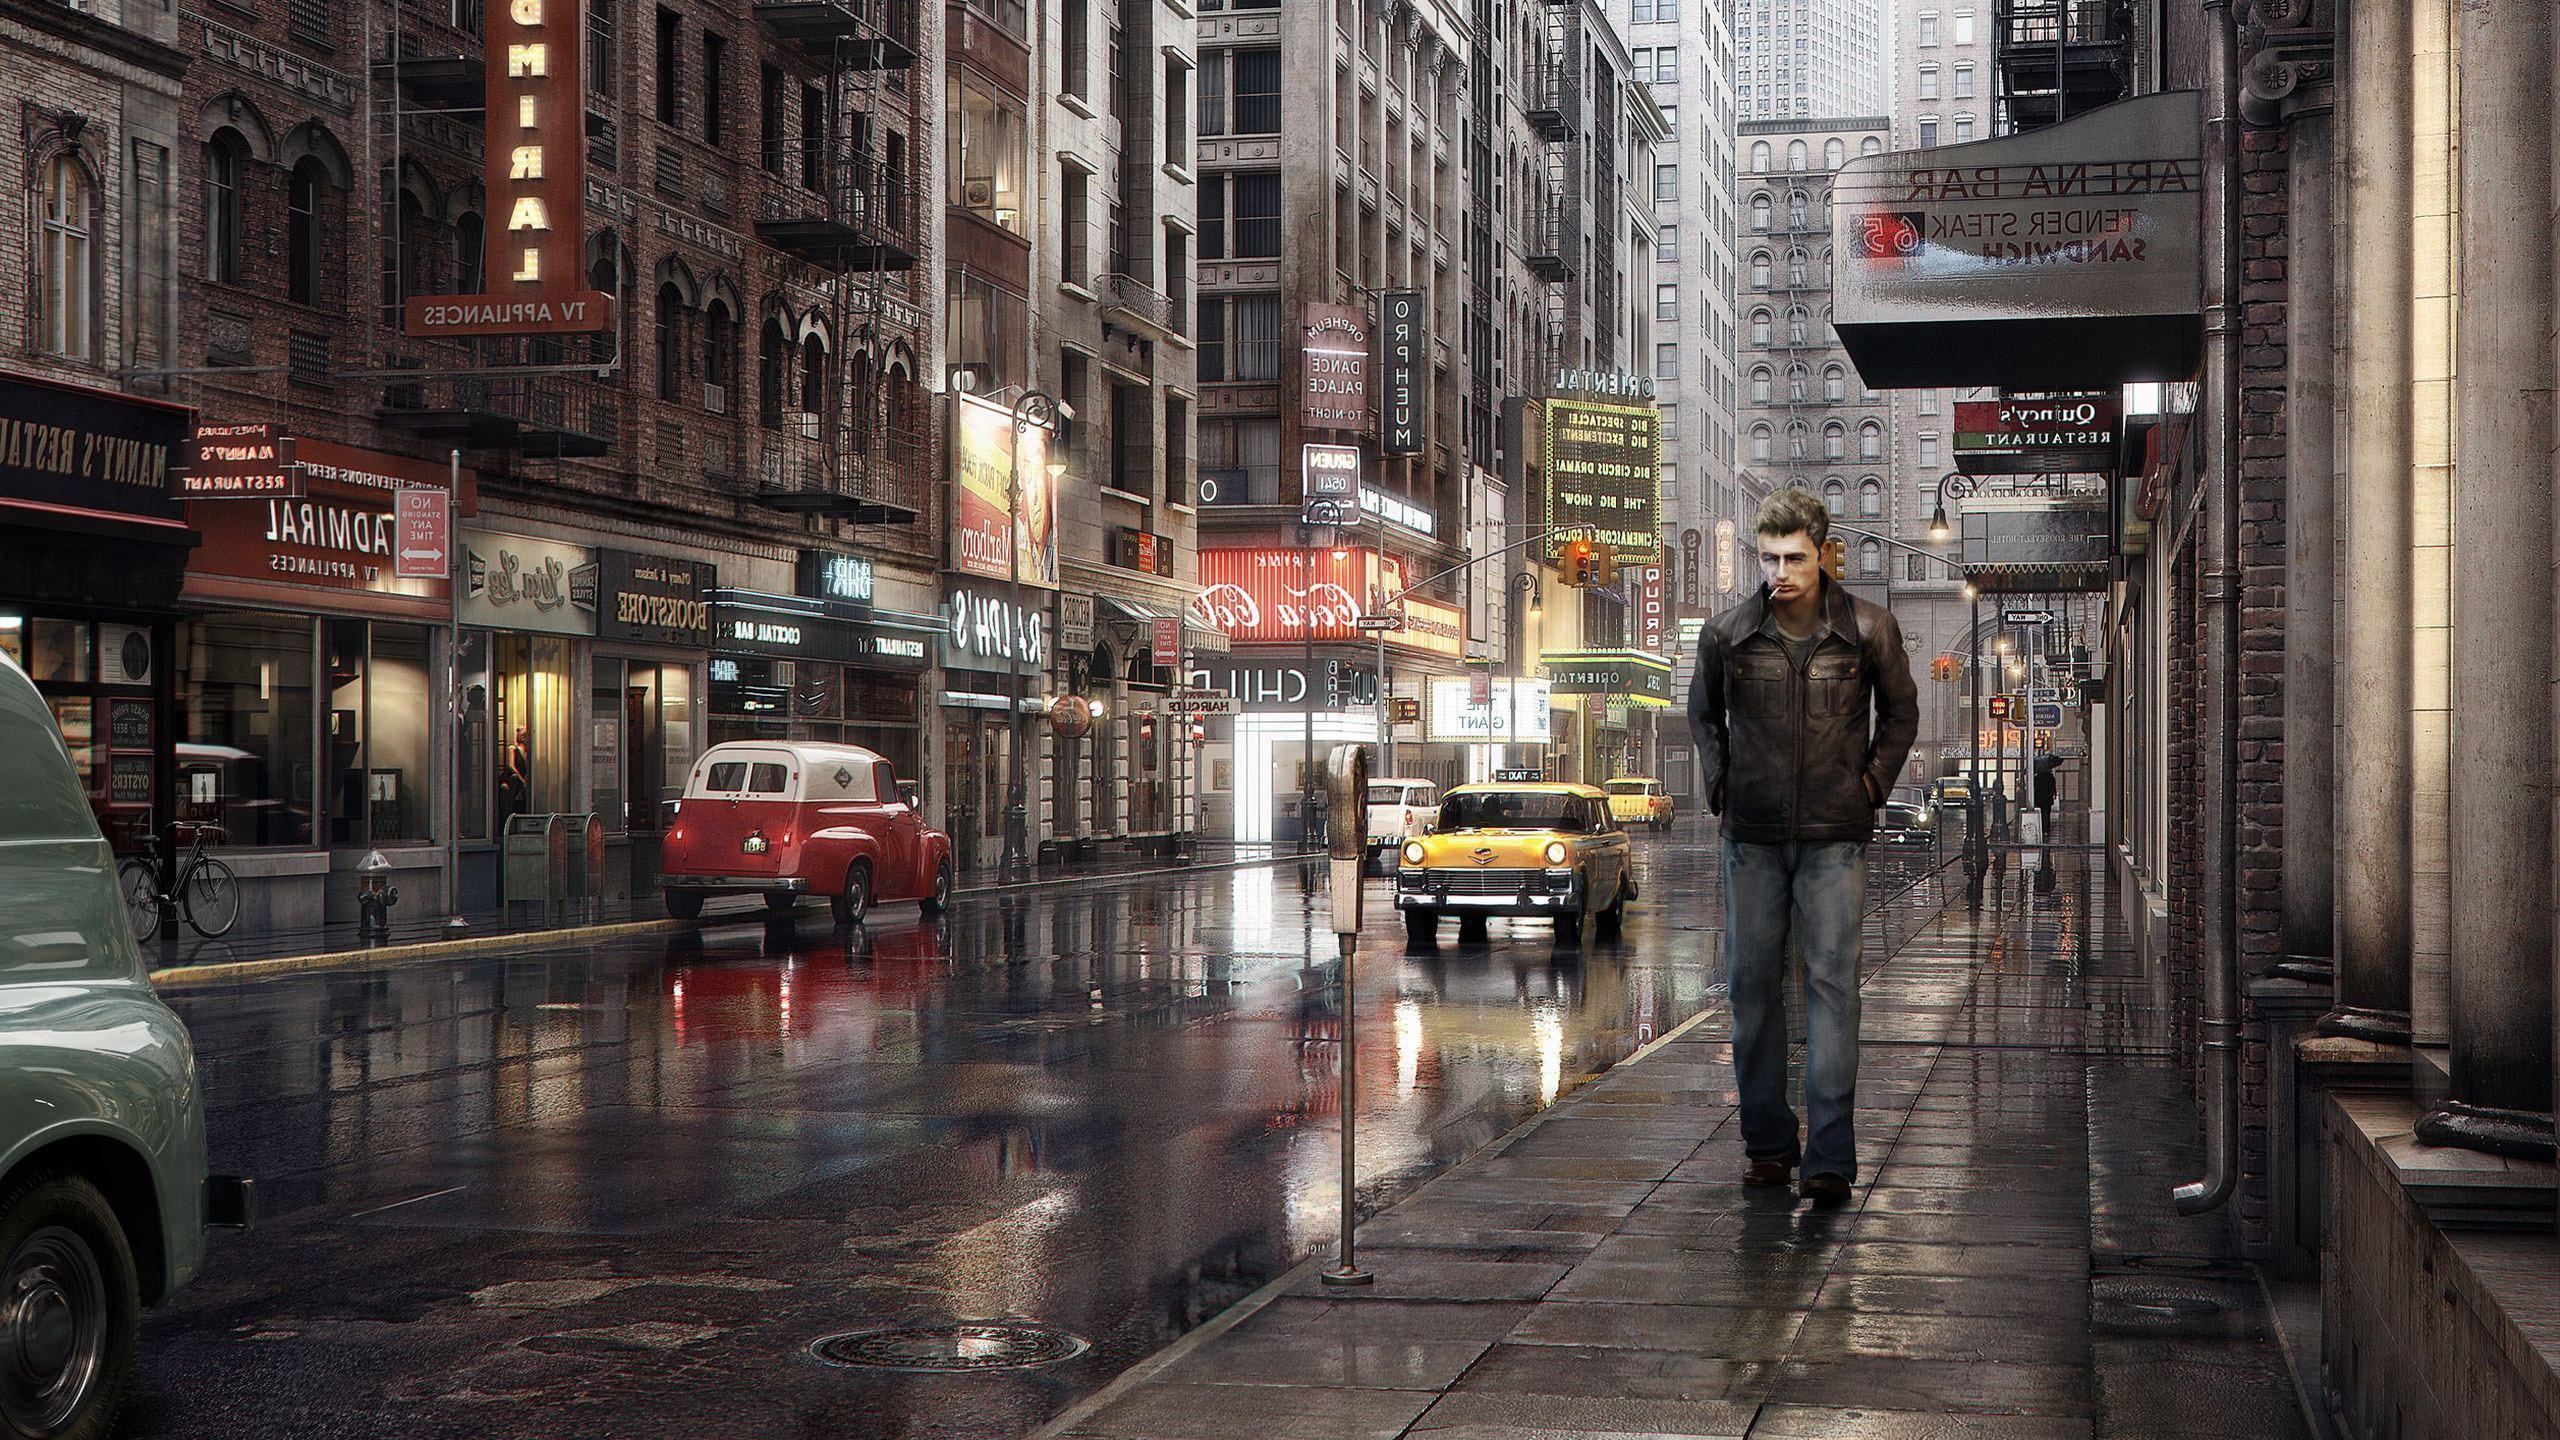 Girl Walking Alone Hd Wallpapers Lonely Man In The City Hd Desktop Wallpaper Widescreen